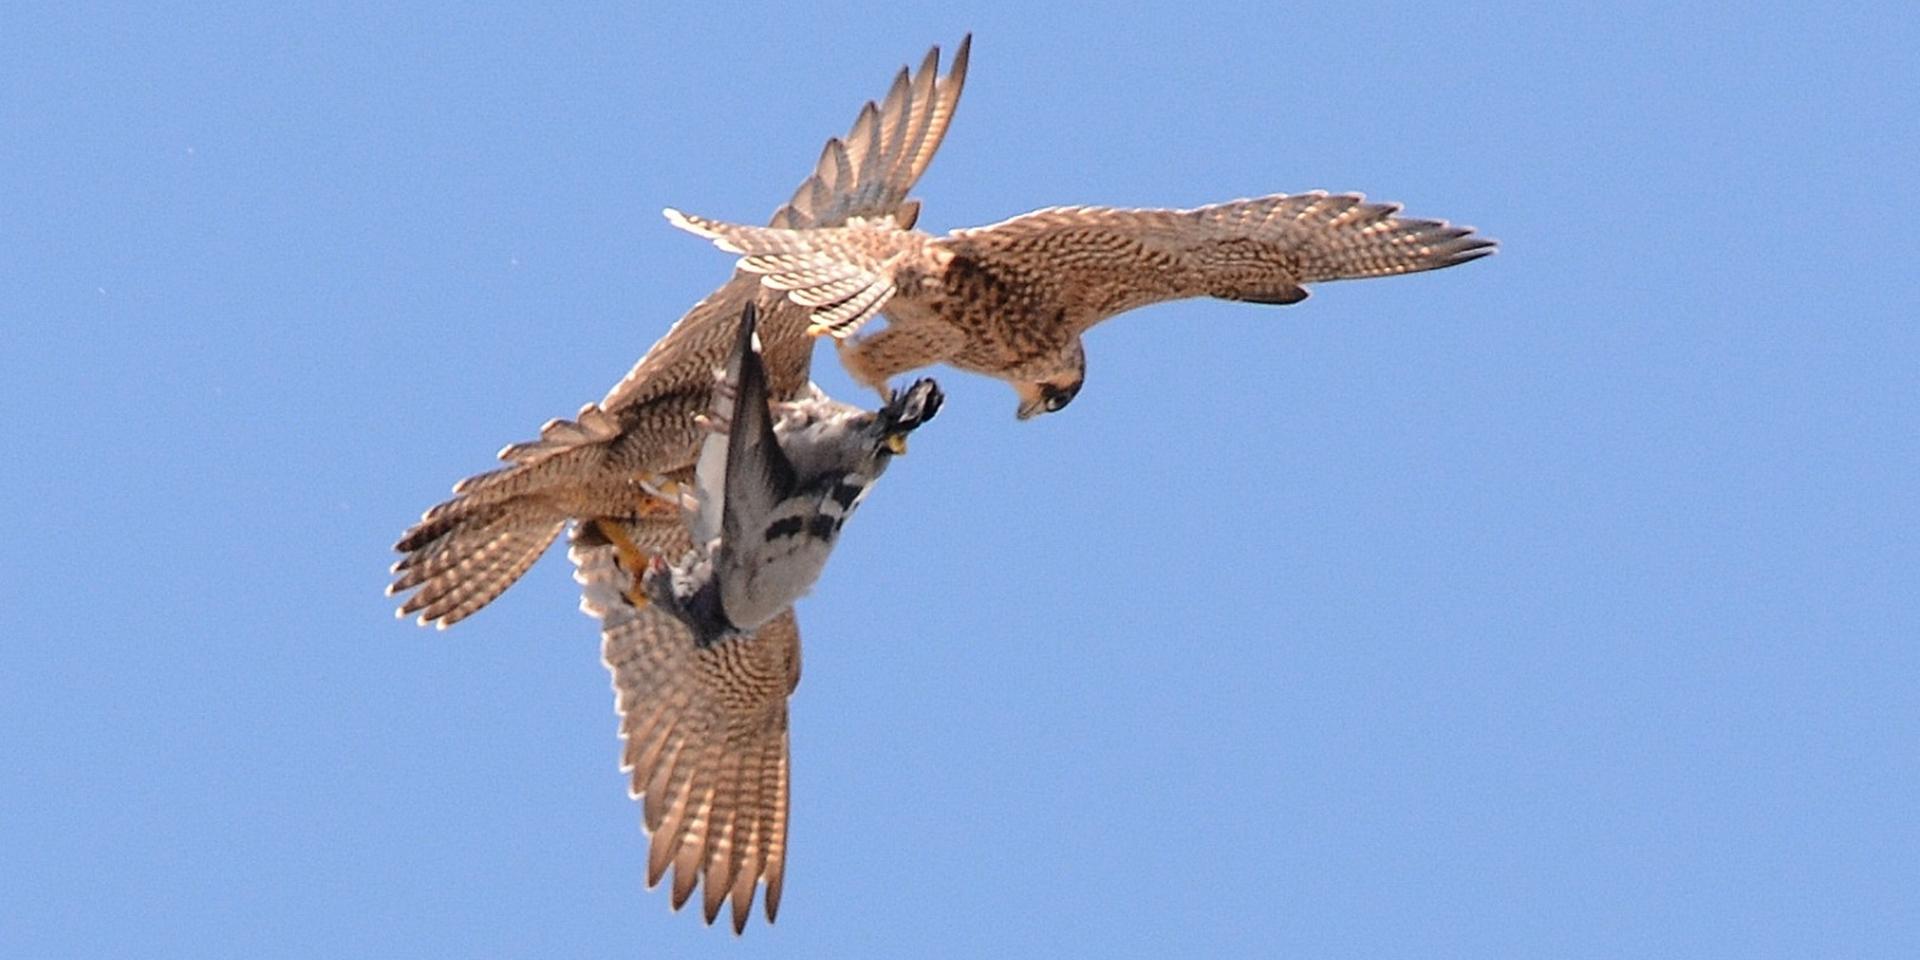 Baltsgedrag bij roofvogels